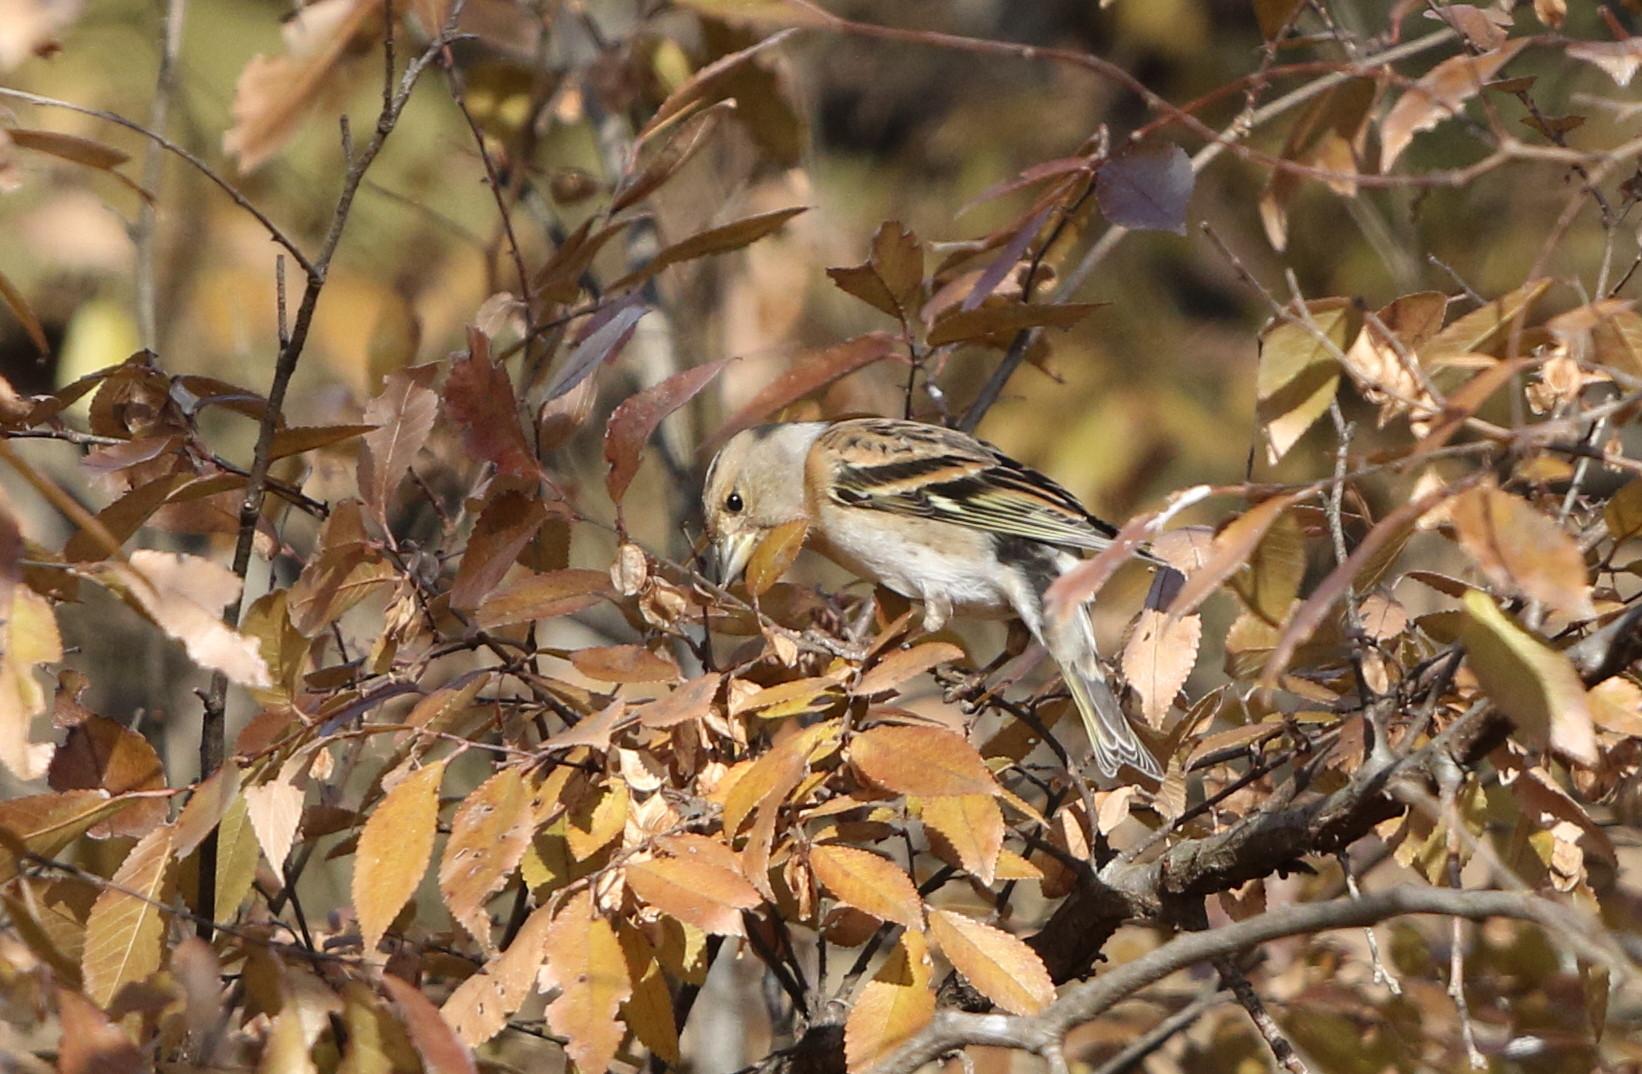 冬鳥を探しに出かけアトリに逢う(渡良瀬遊水地内にて)_f0239515_17315881.jpg